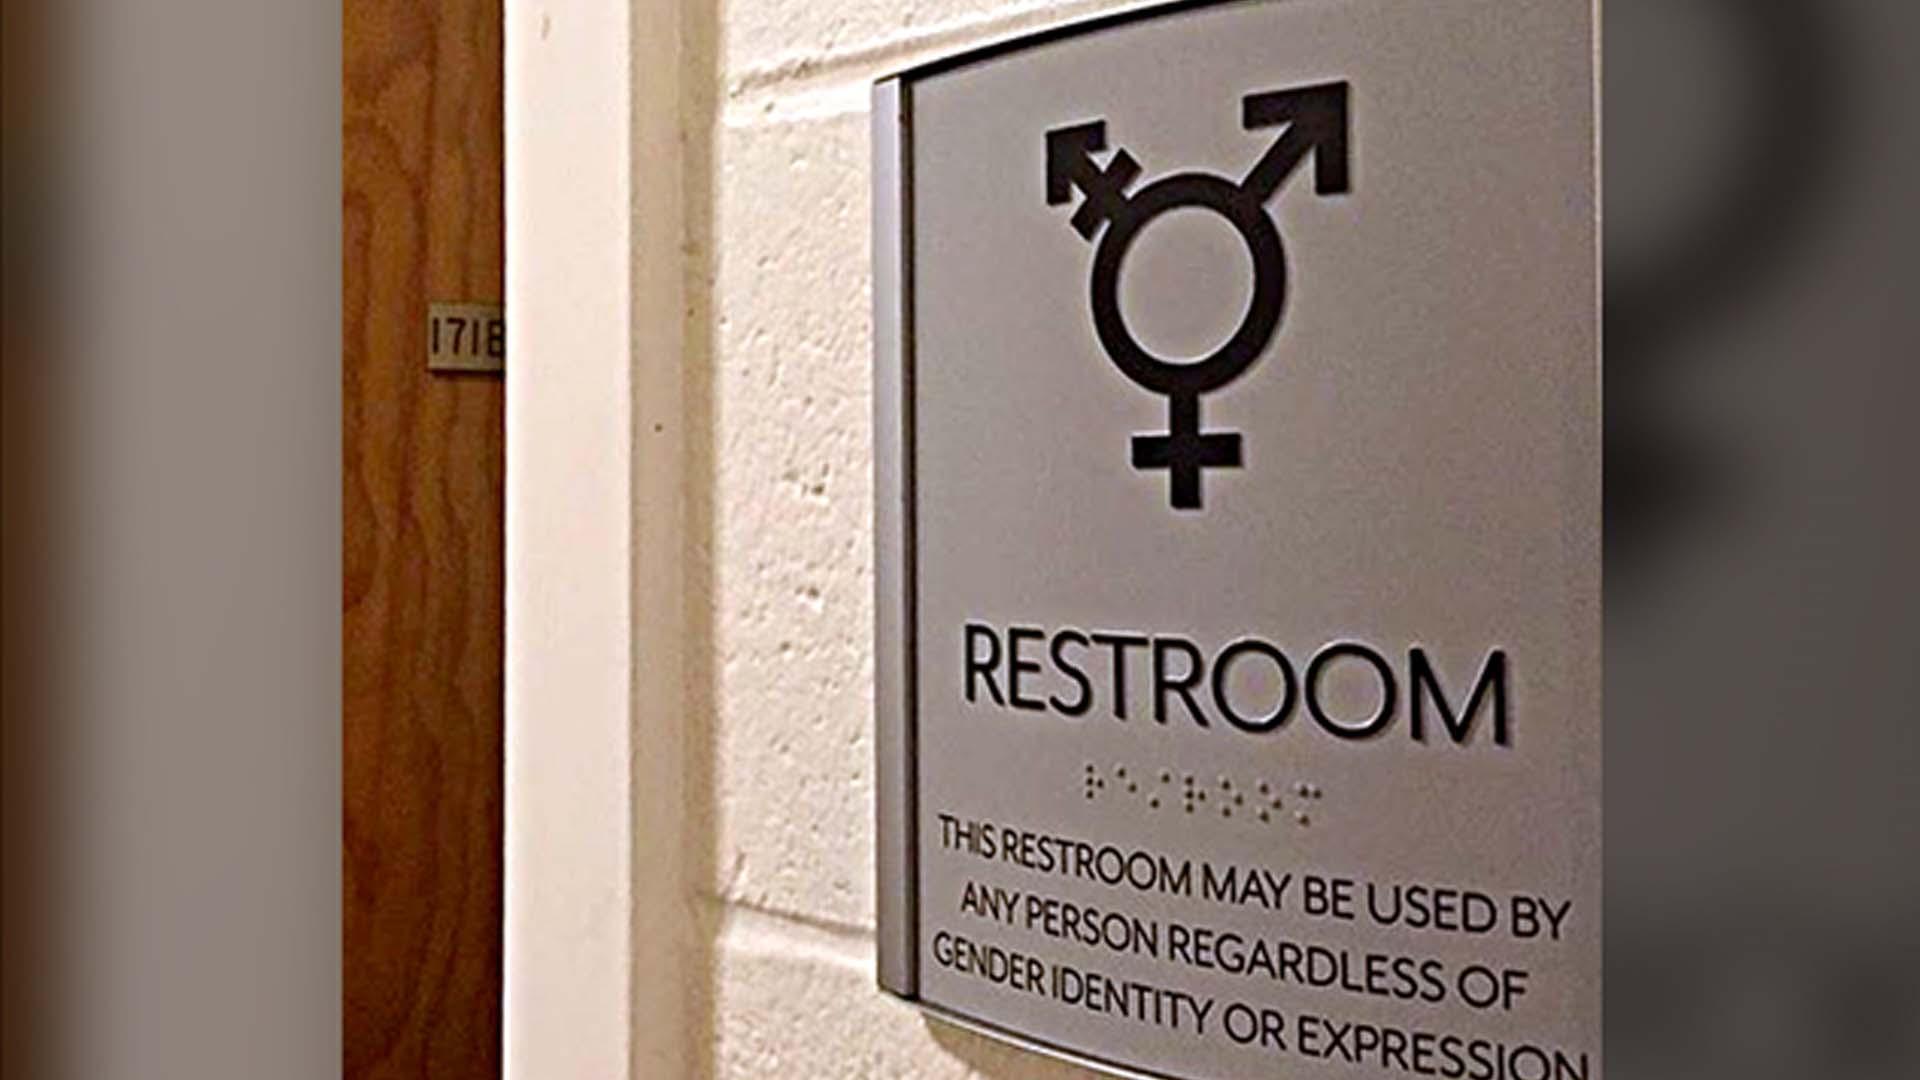 Spicer Expect new transgender student policy Wednesday  KOBITV NBC5  KOTITV NBC2